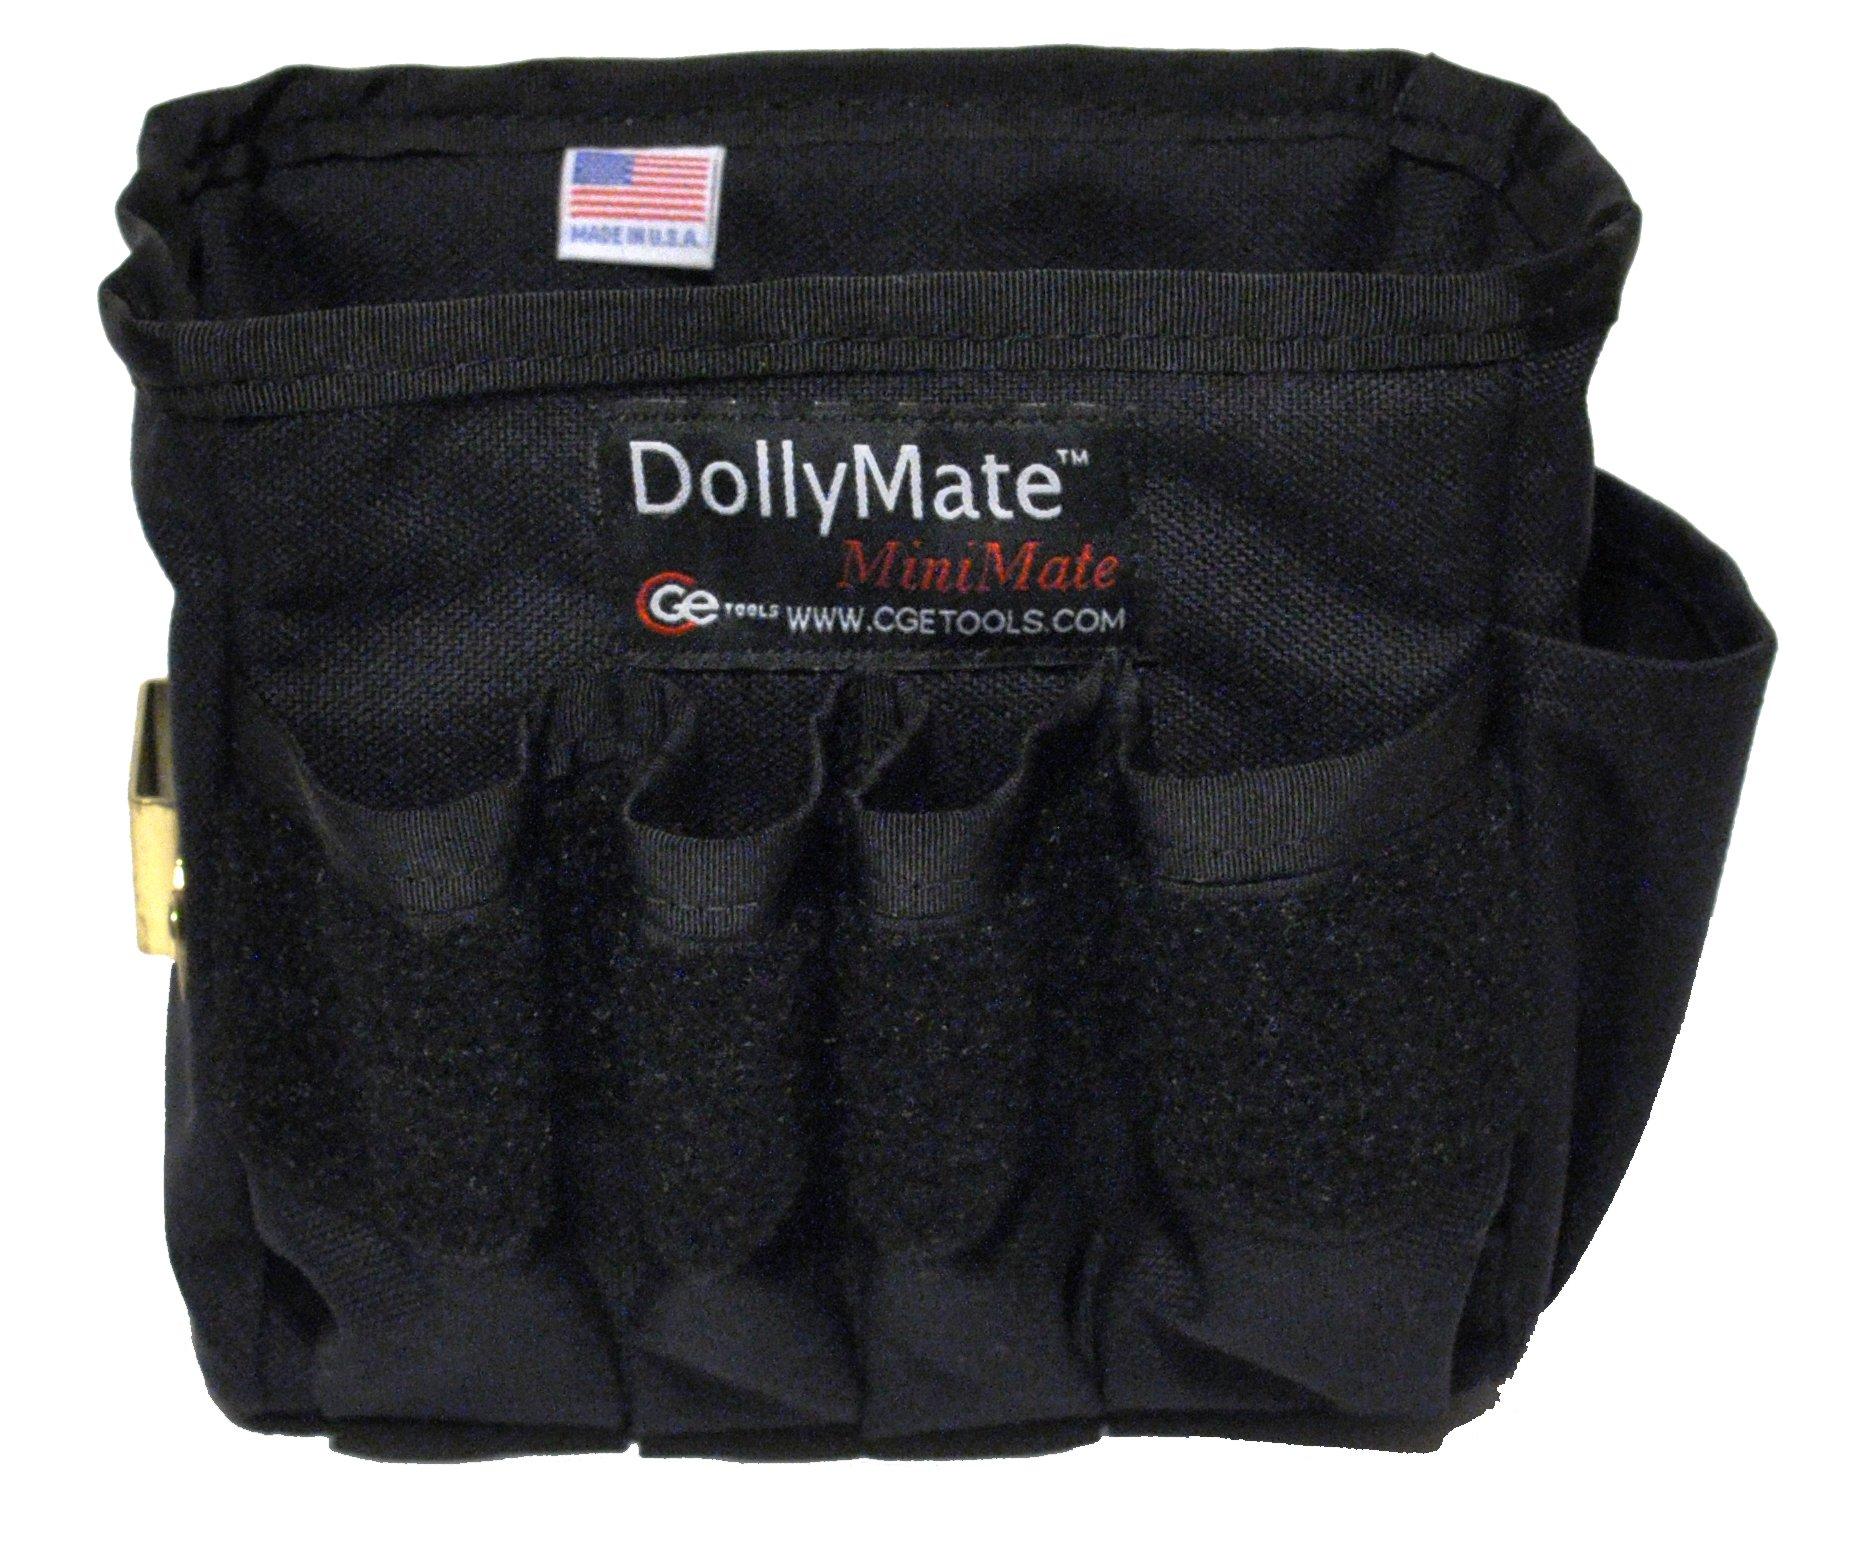 DollyMate (MiniMate, Black)